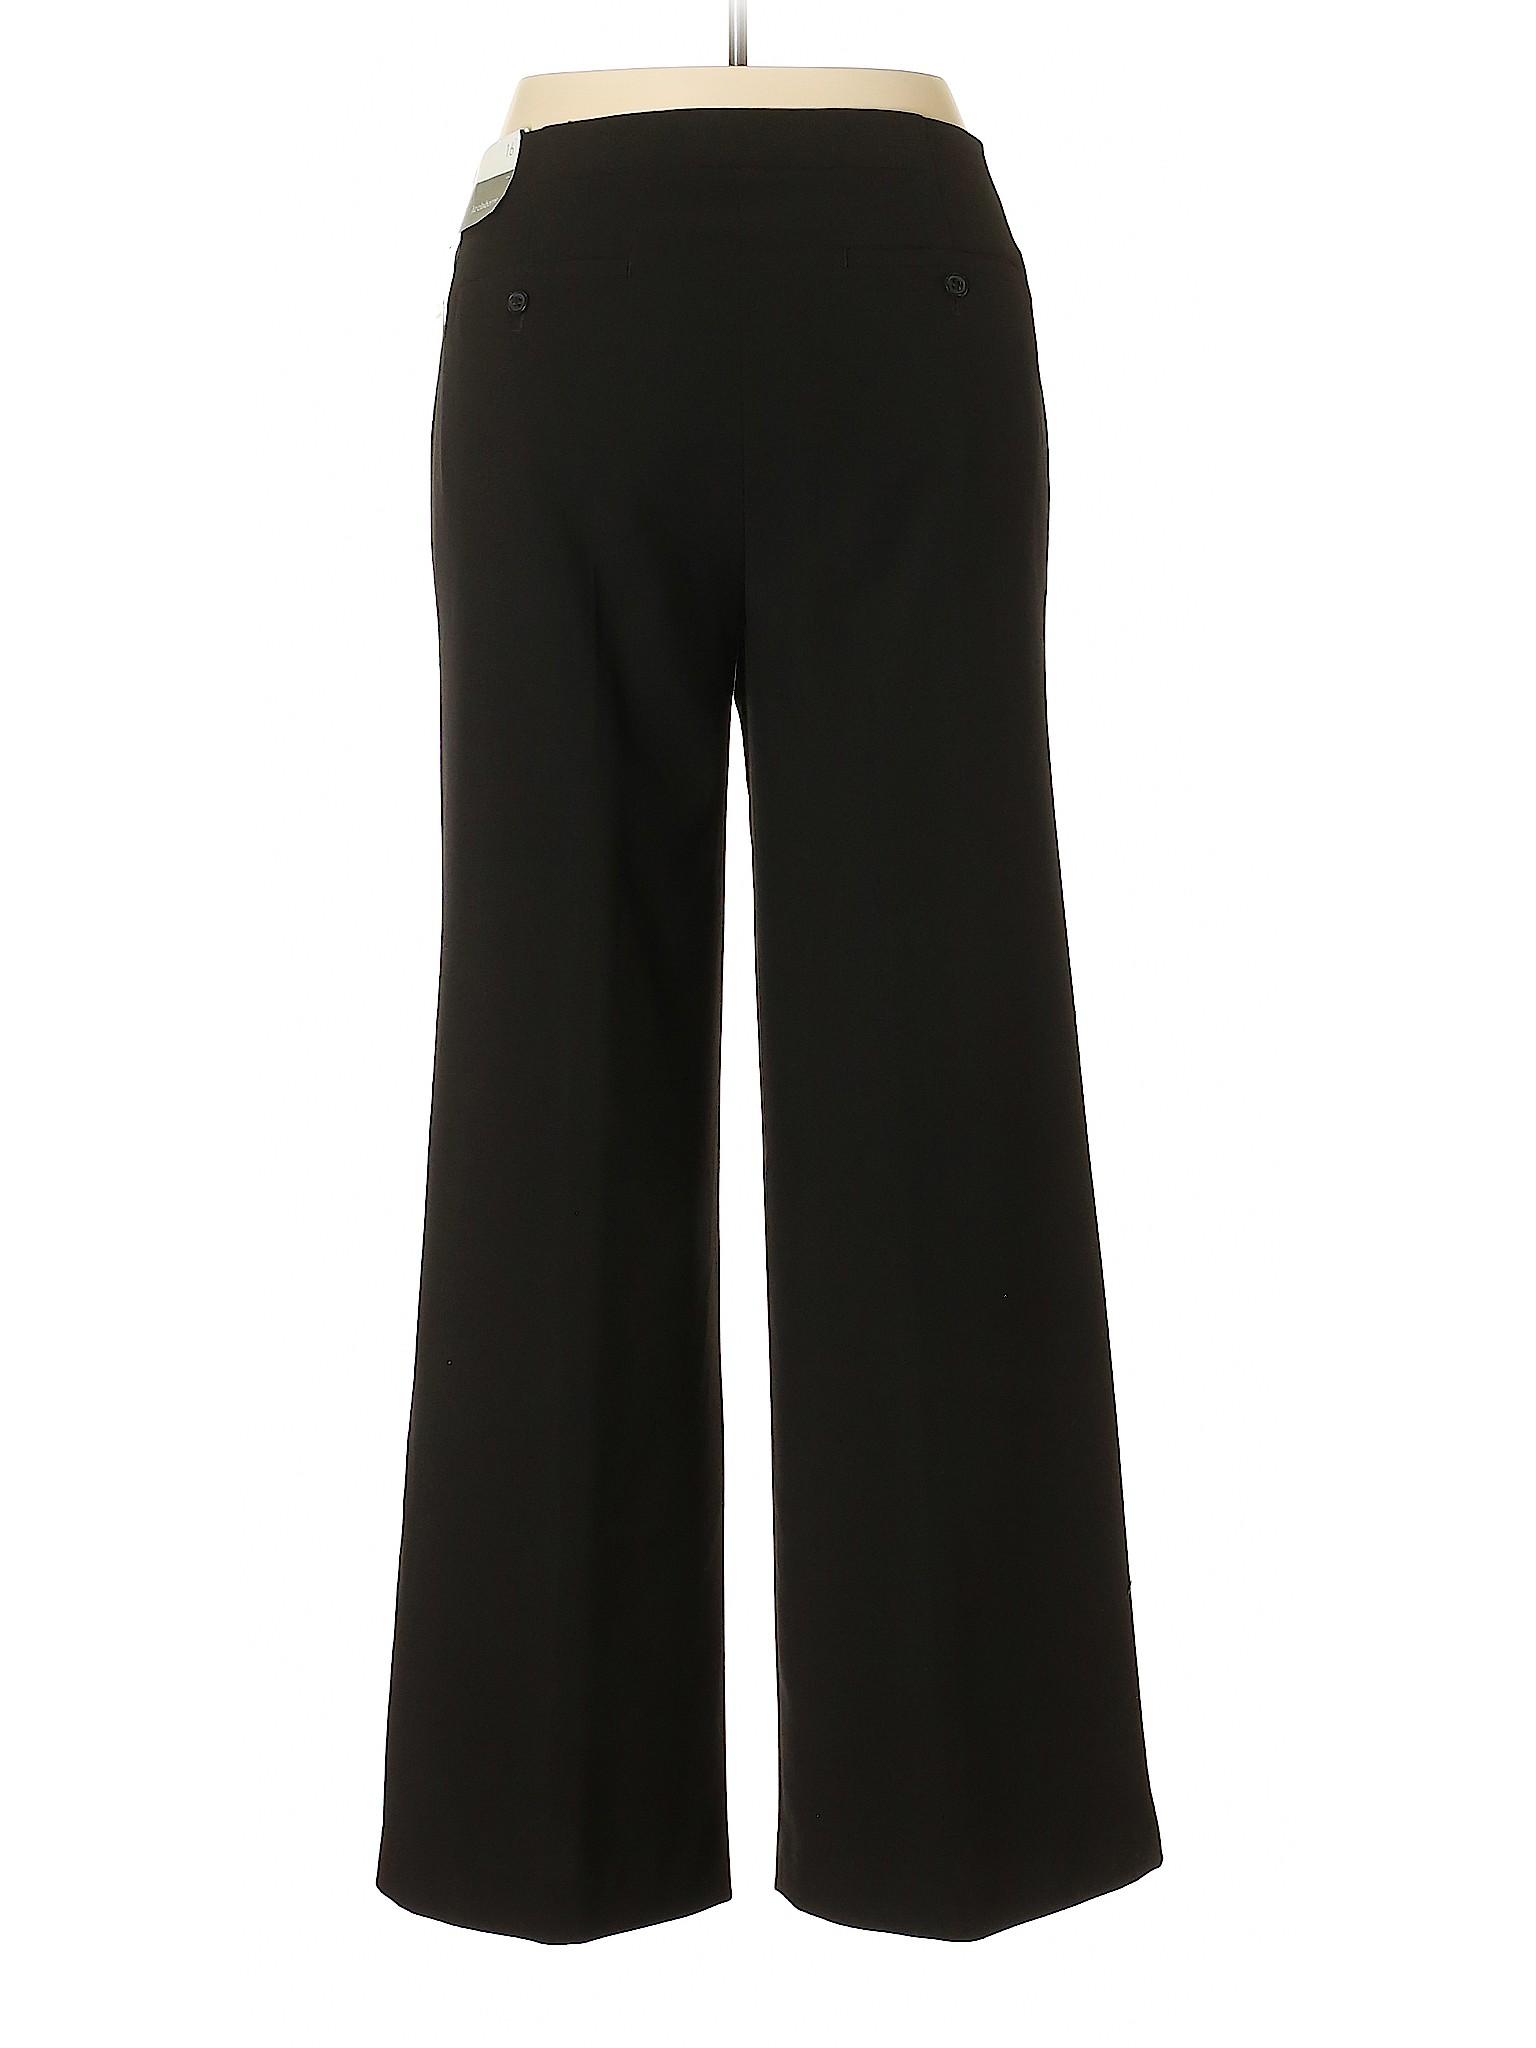 Liz Boutique Dress Pants Claiborne winter ZZxT6